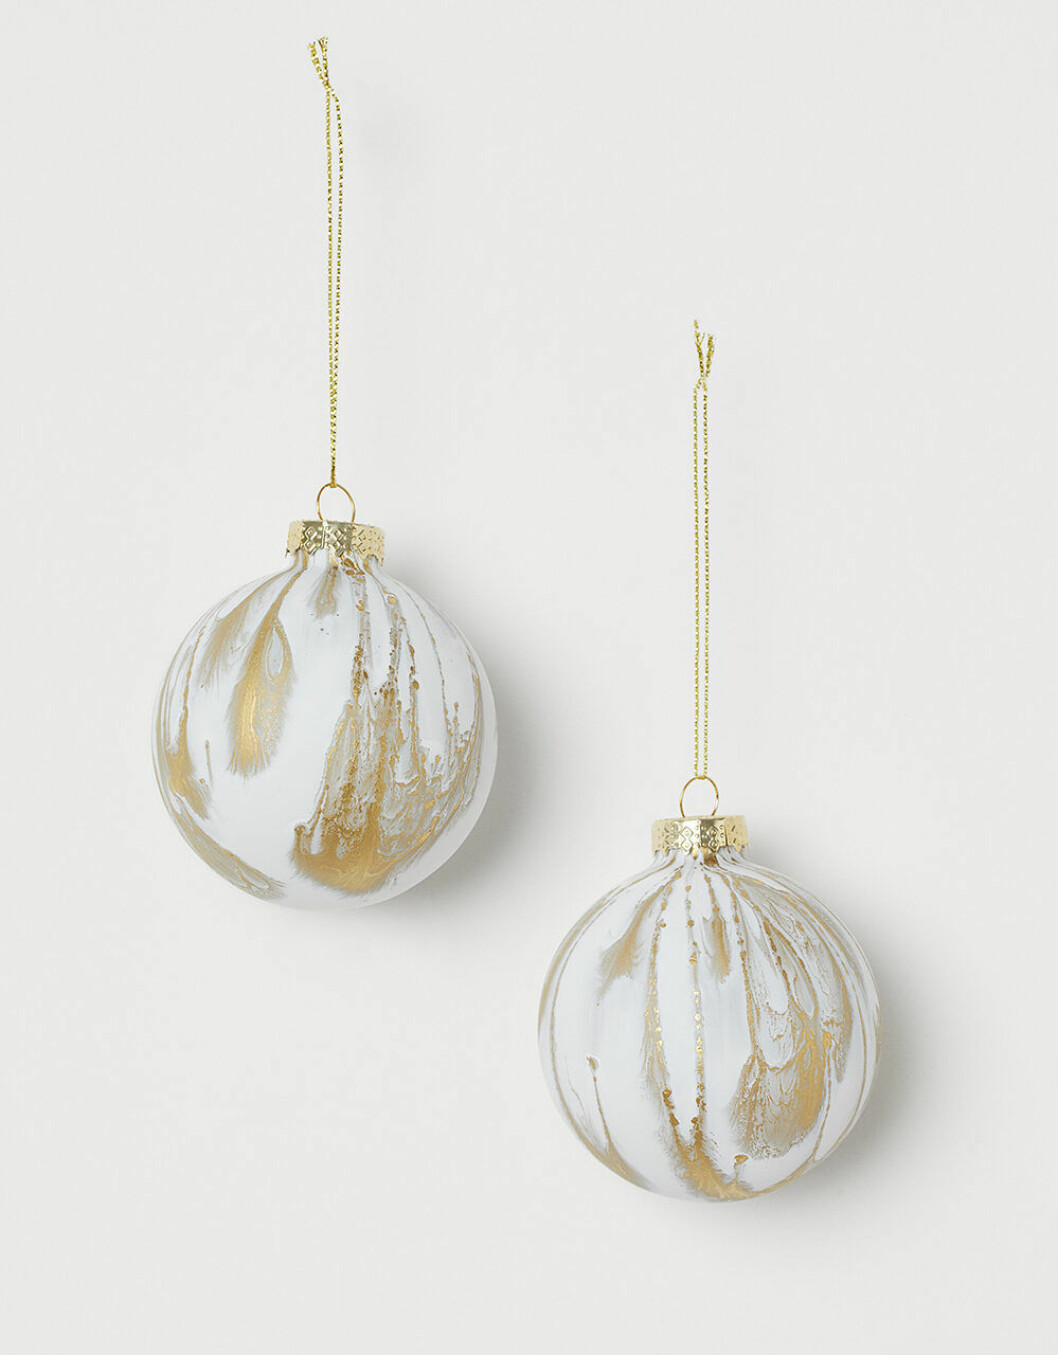 Julgransdekorationer i vitt och guld från H&M home julen 2019